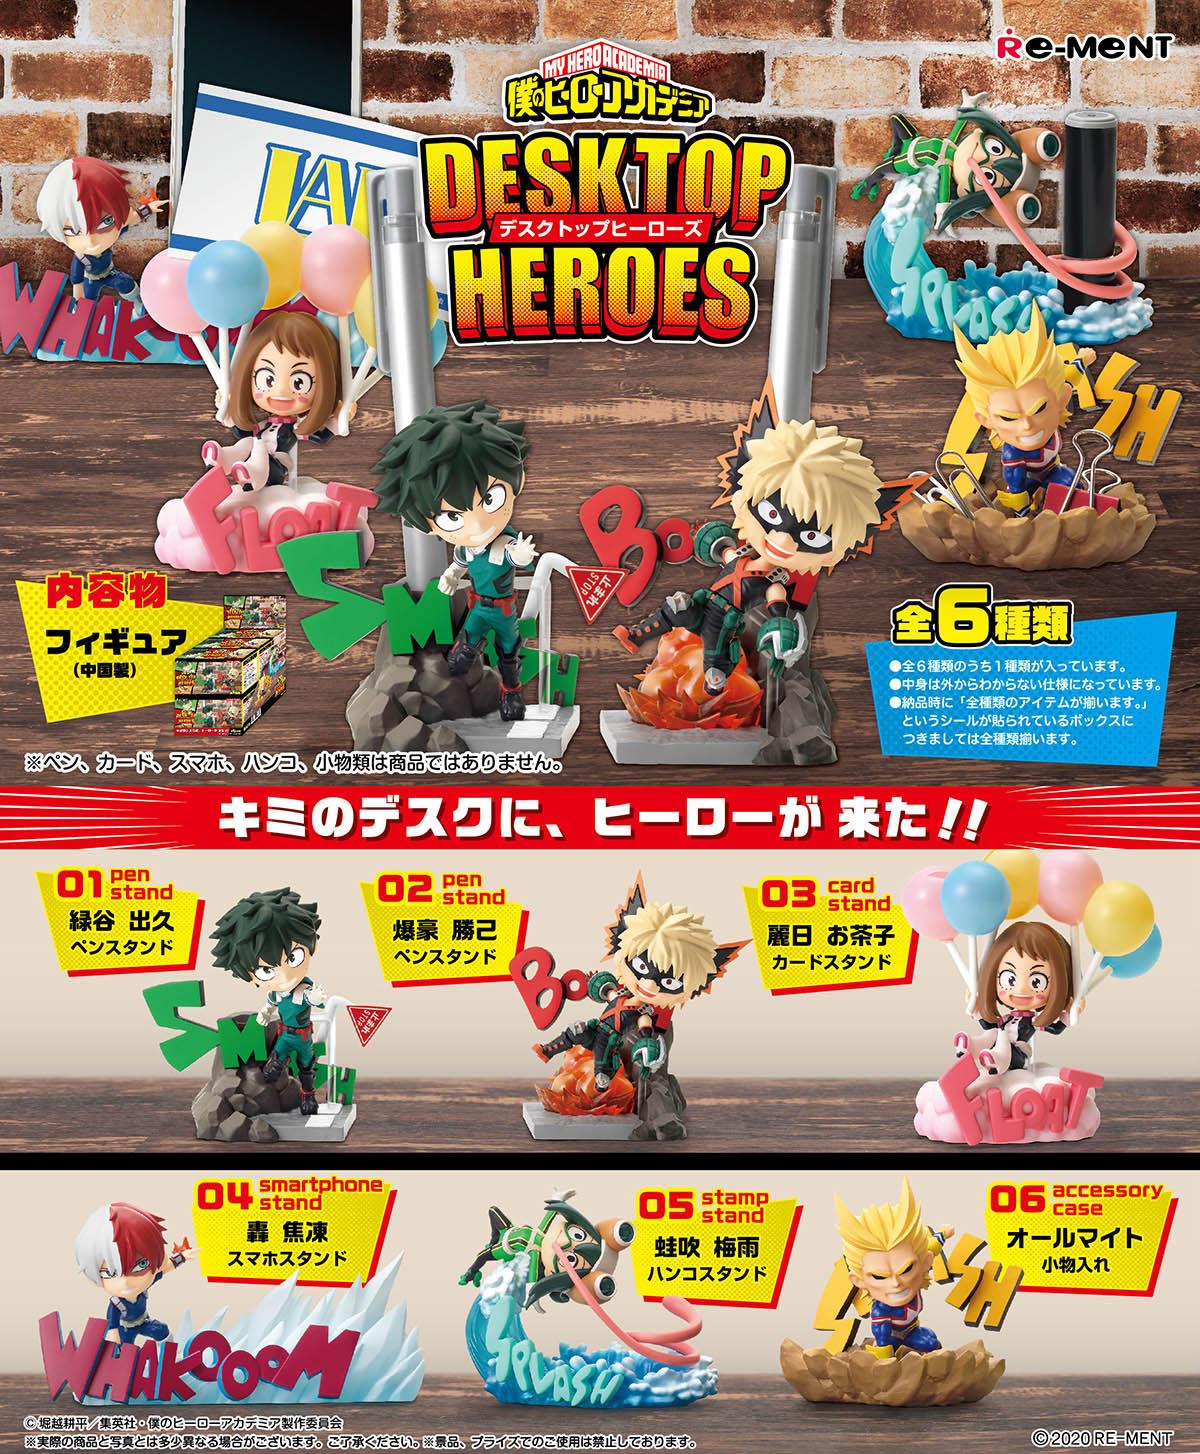 ヒロアカ『僕のヒーローアカデミア DESKTOP HEROES』6個入りBOX-001